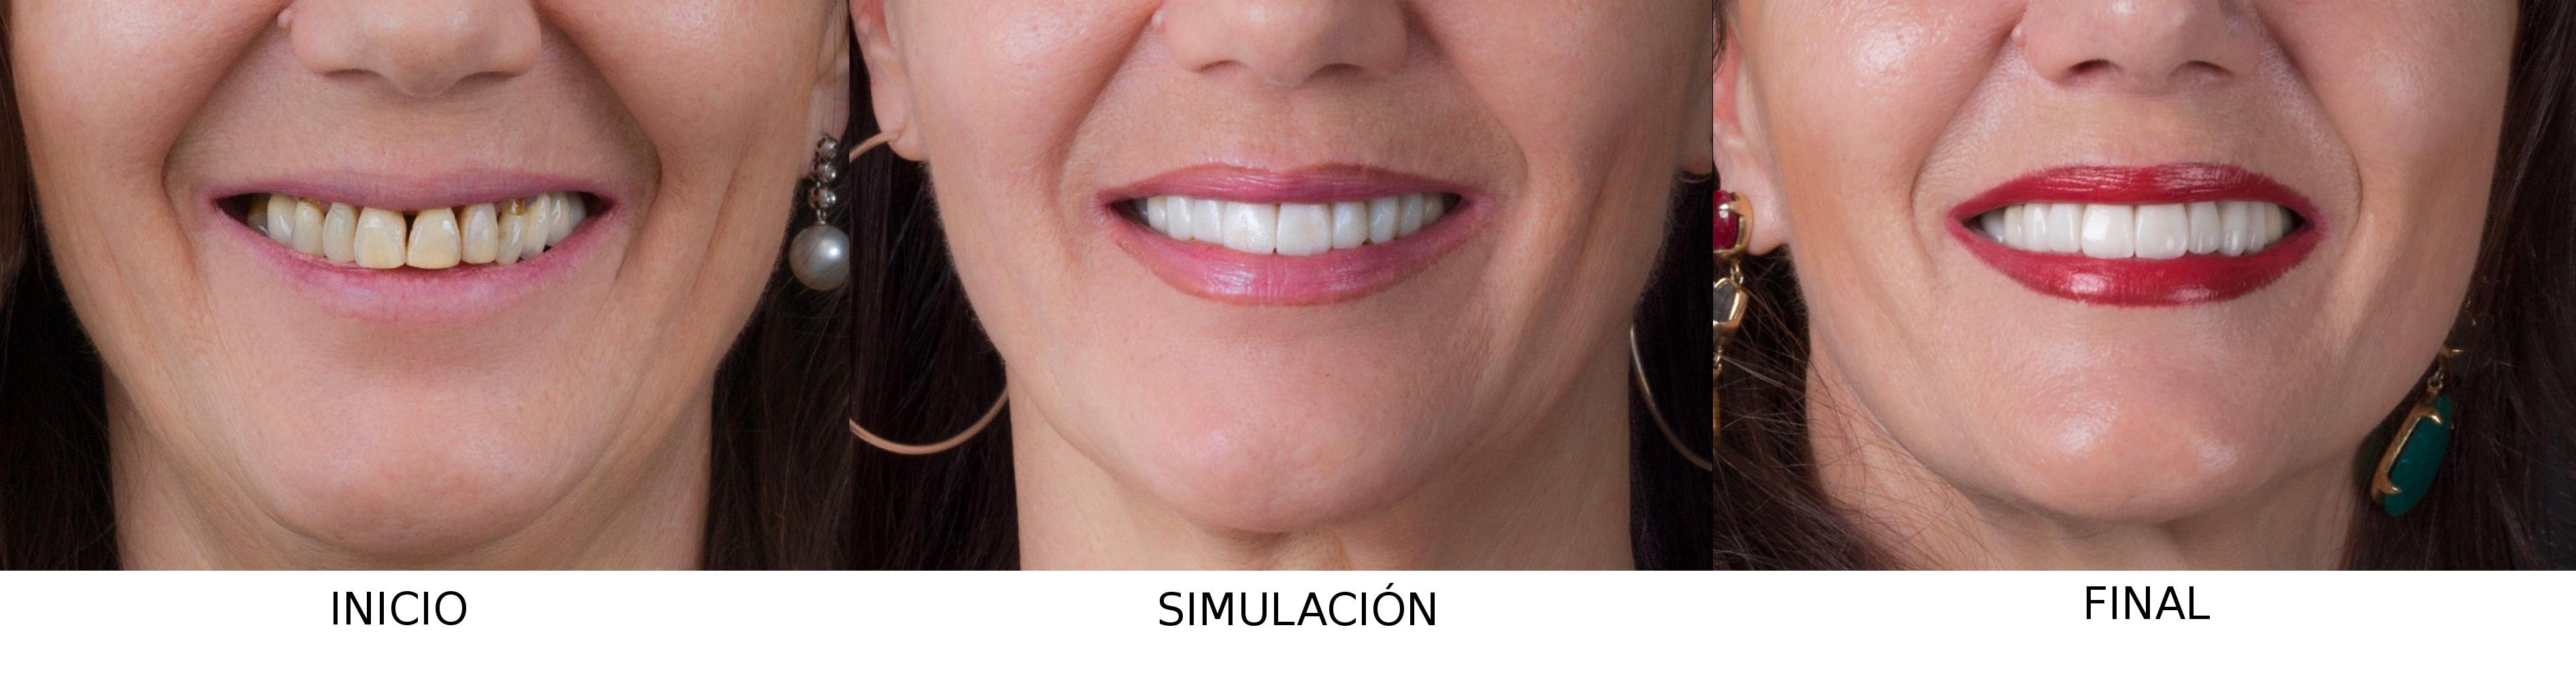 Simulación DSD